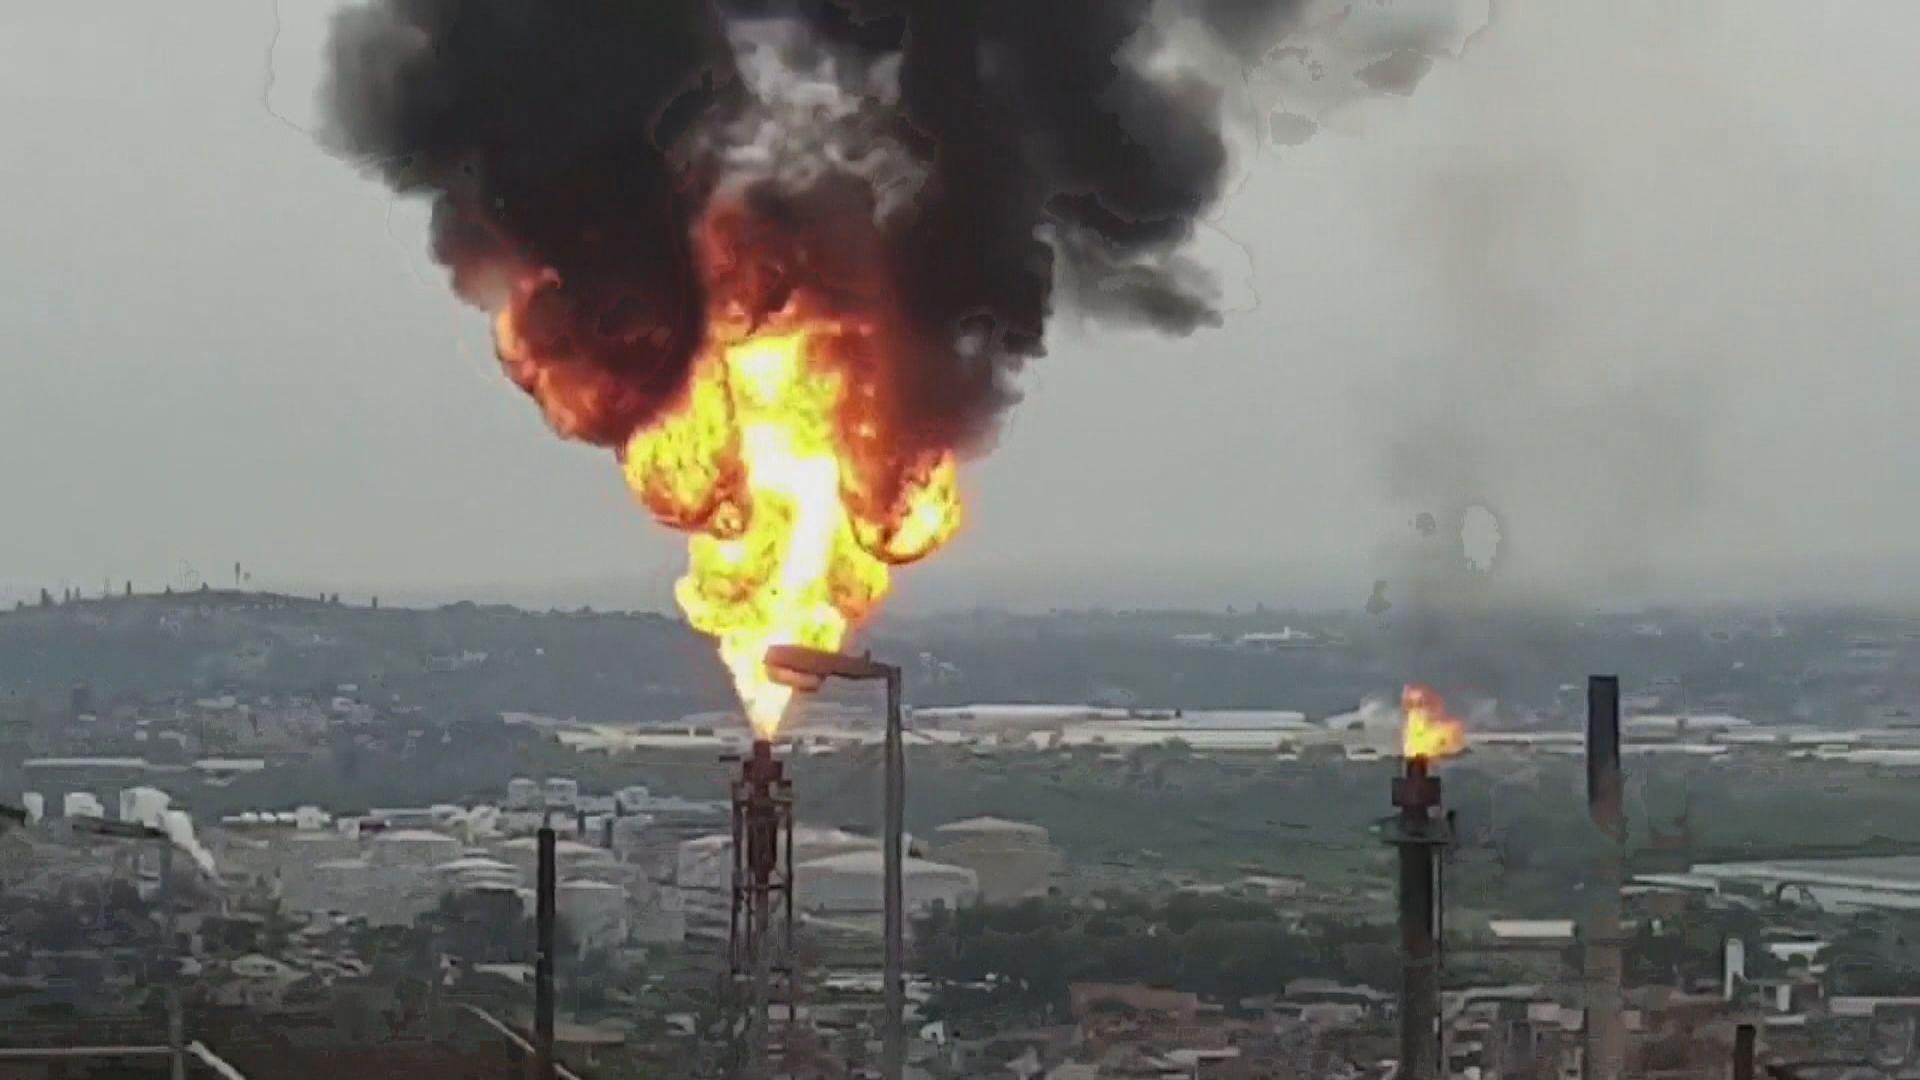 南非有煉油廠爆炸引發大火 最少七人受傷